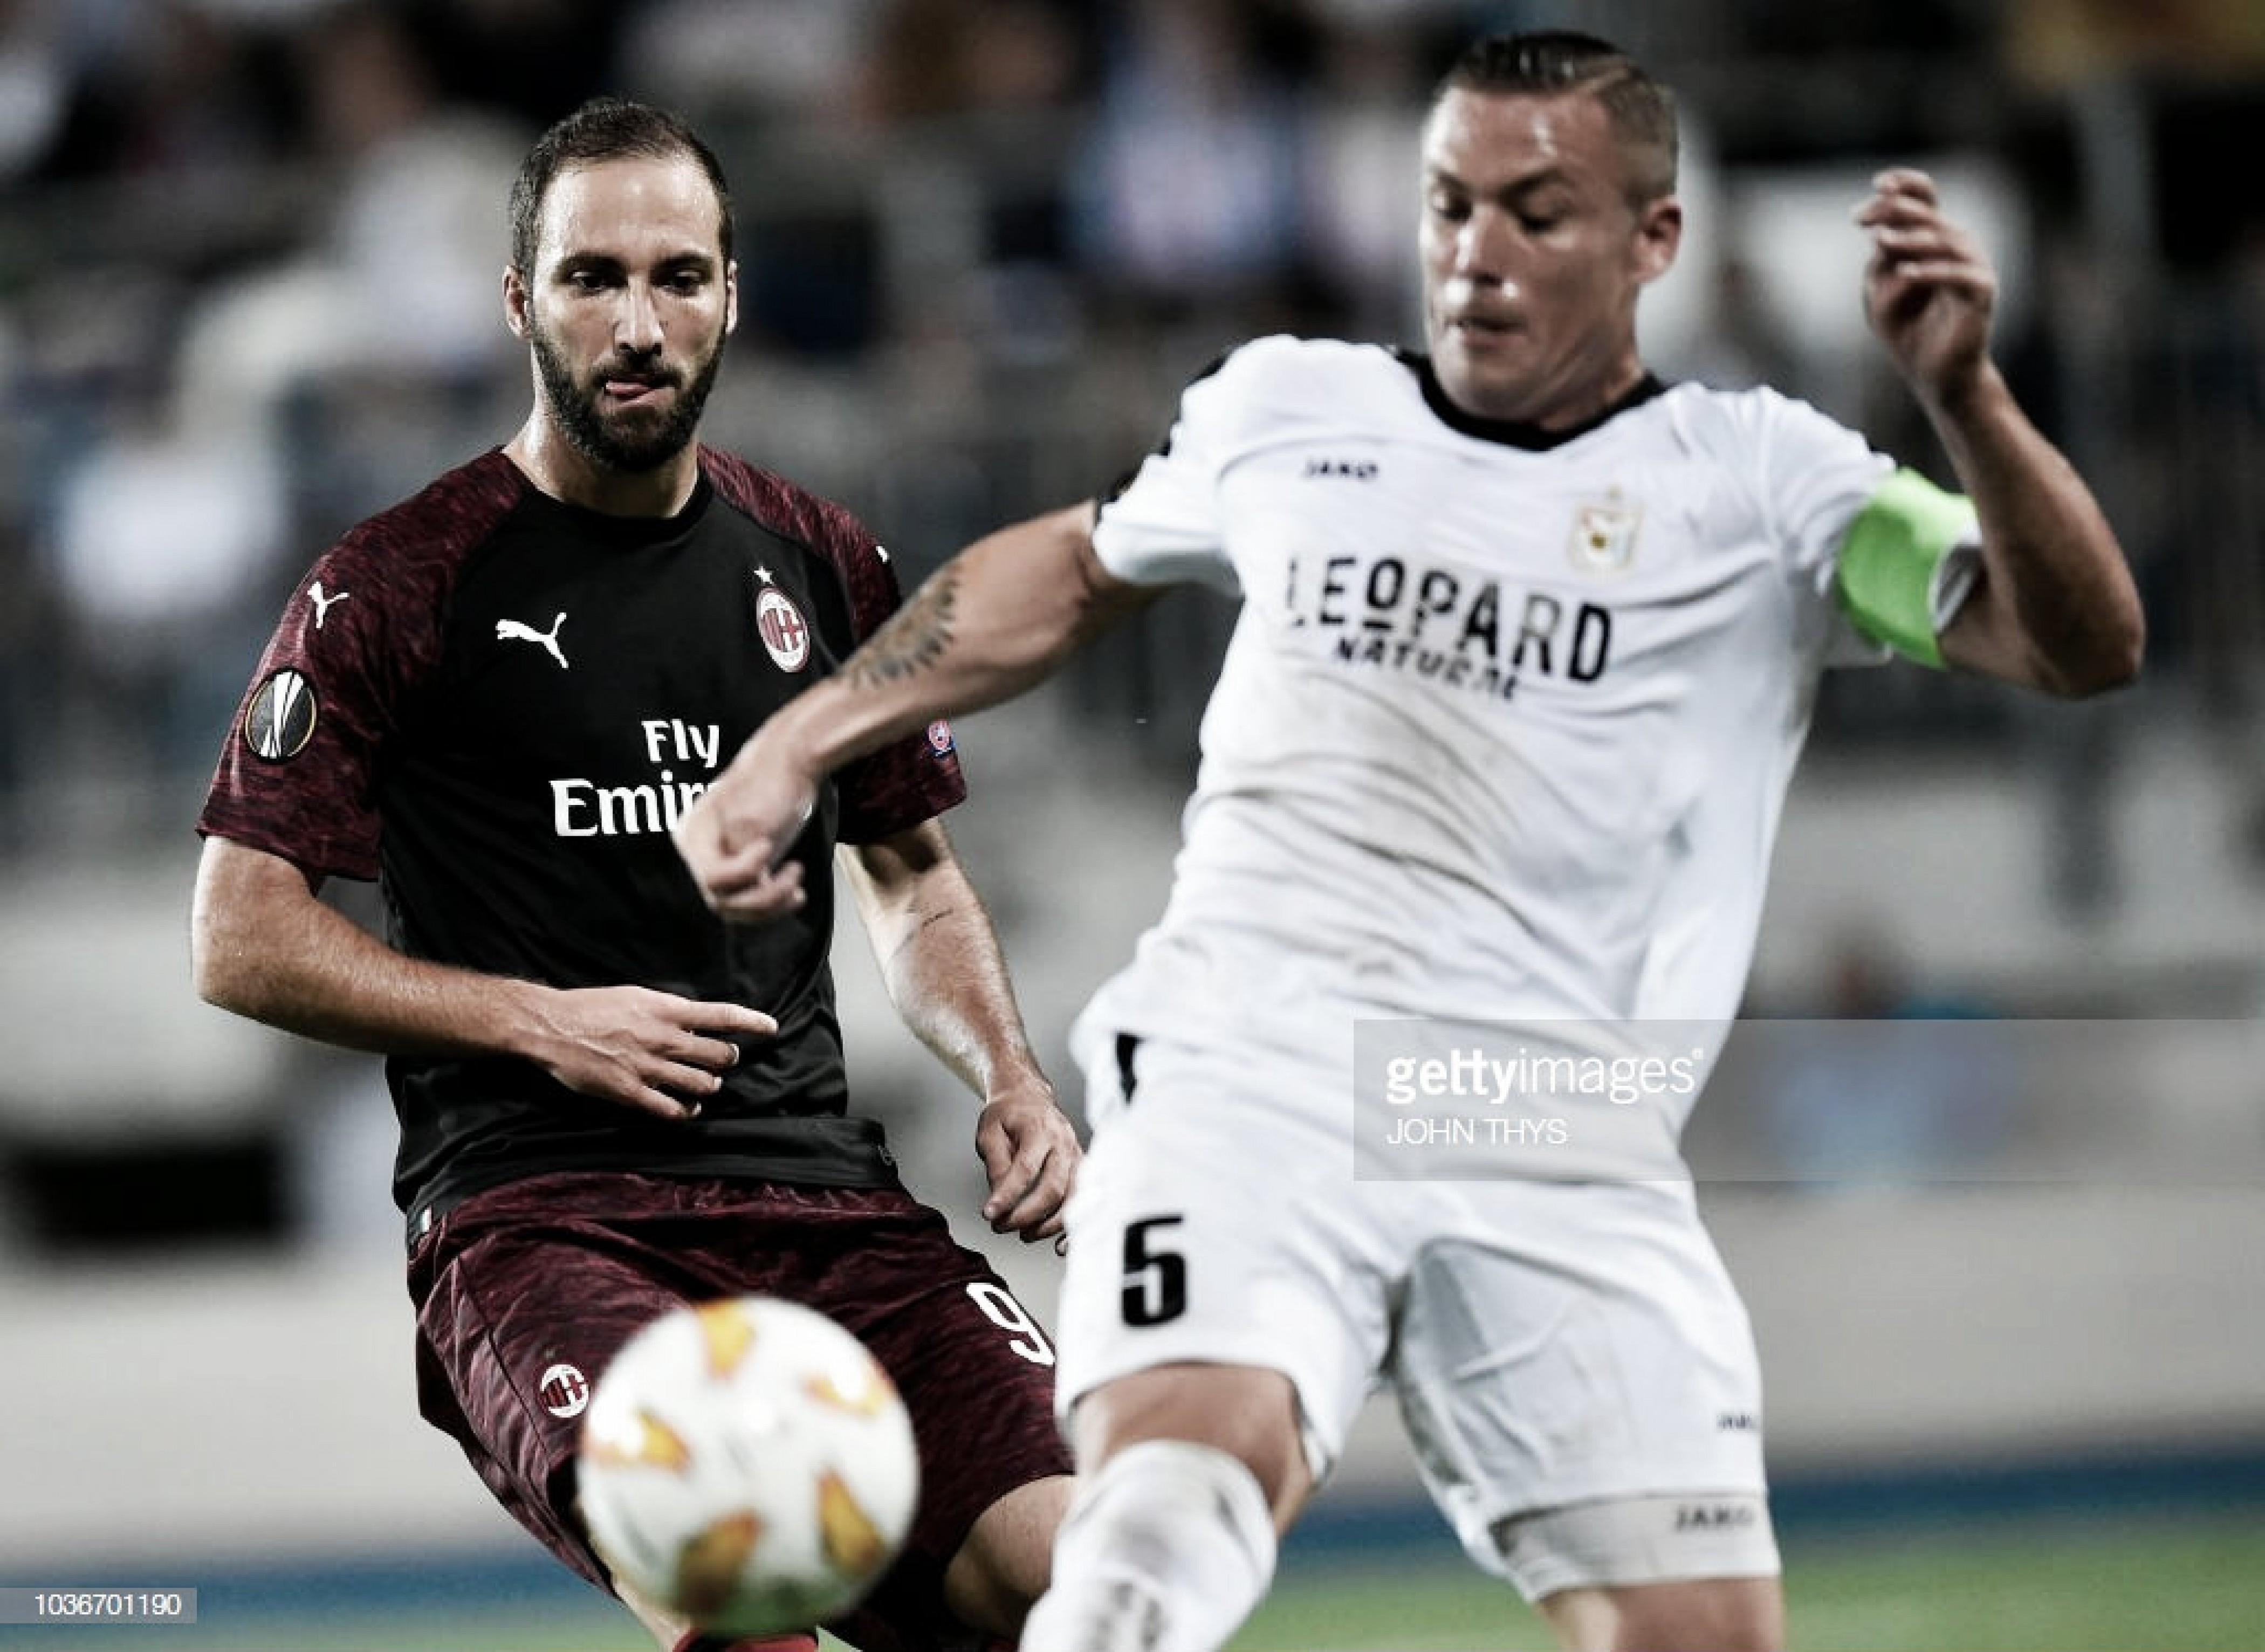 El Milan debuta con buen pie ante un combativo Dudelange